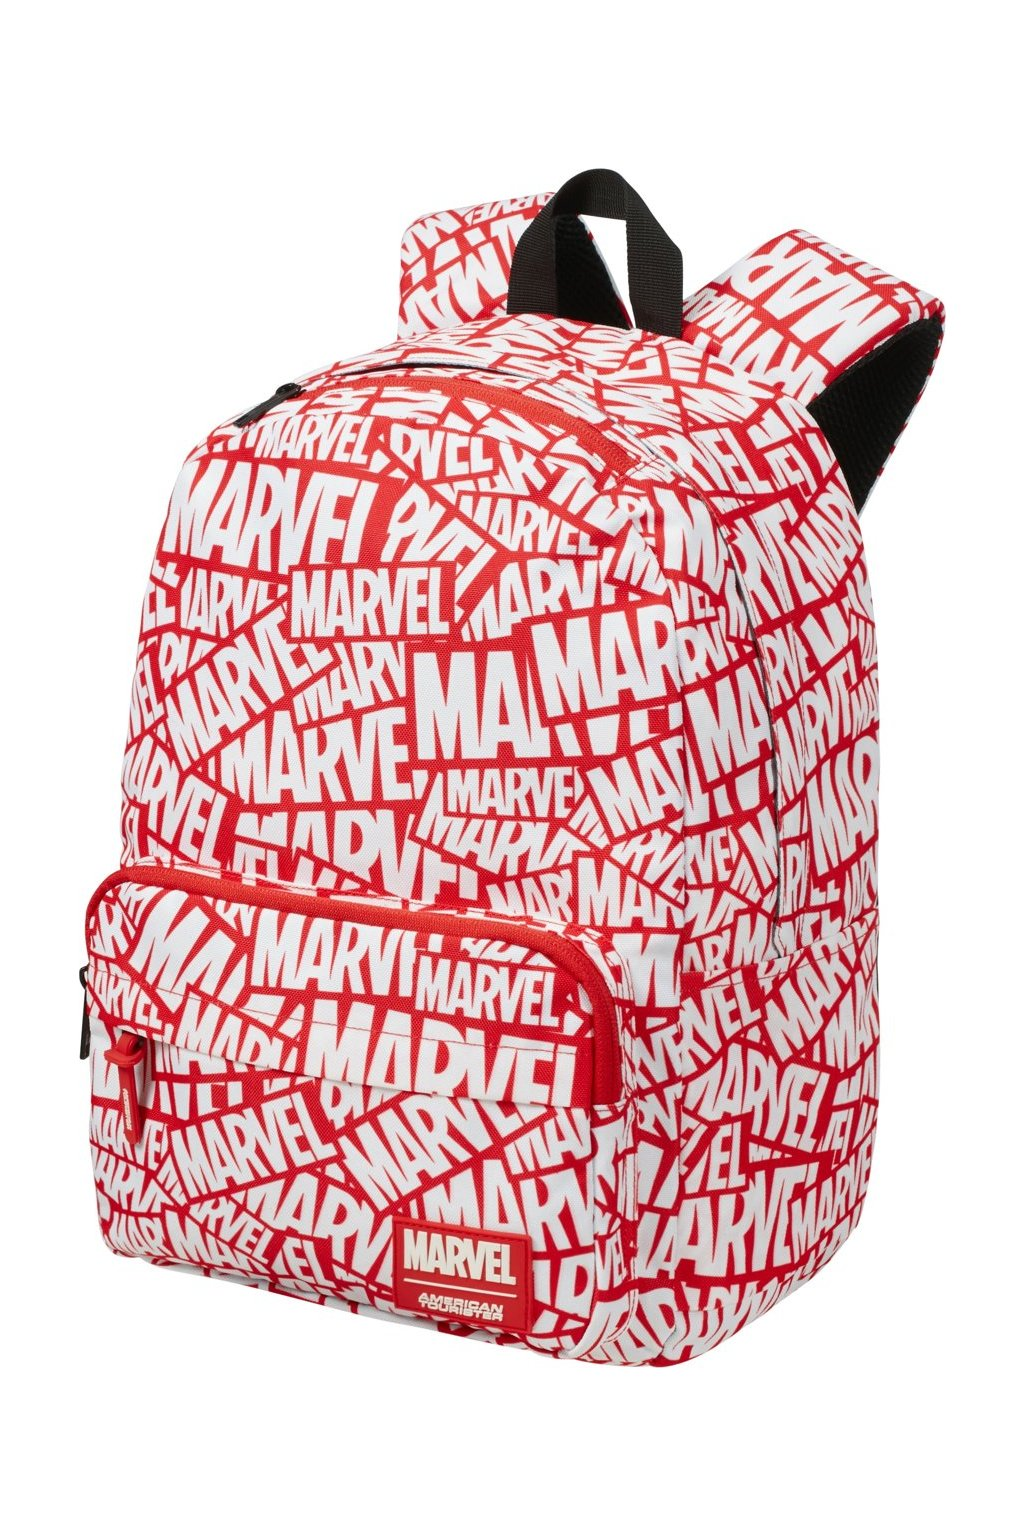 kufrland americantourister lifestylebackpack marvel (1)